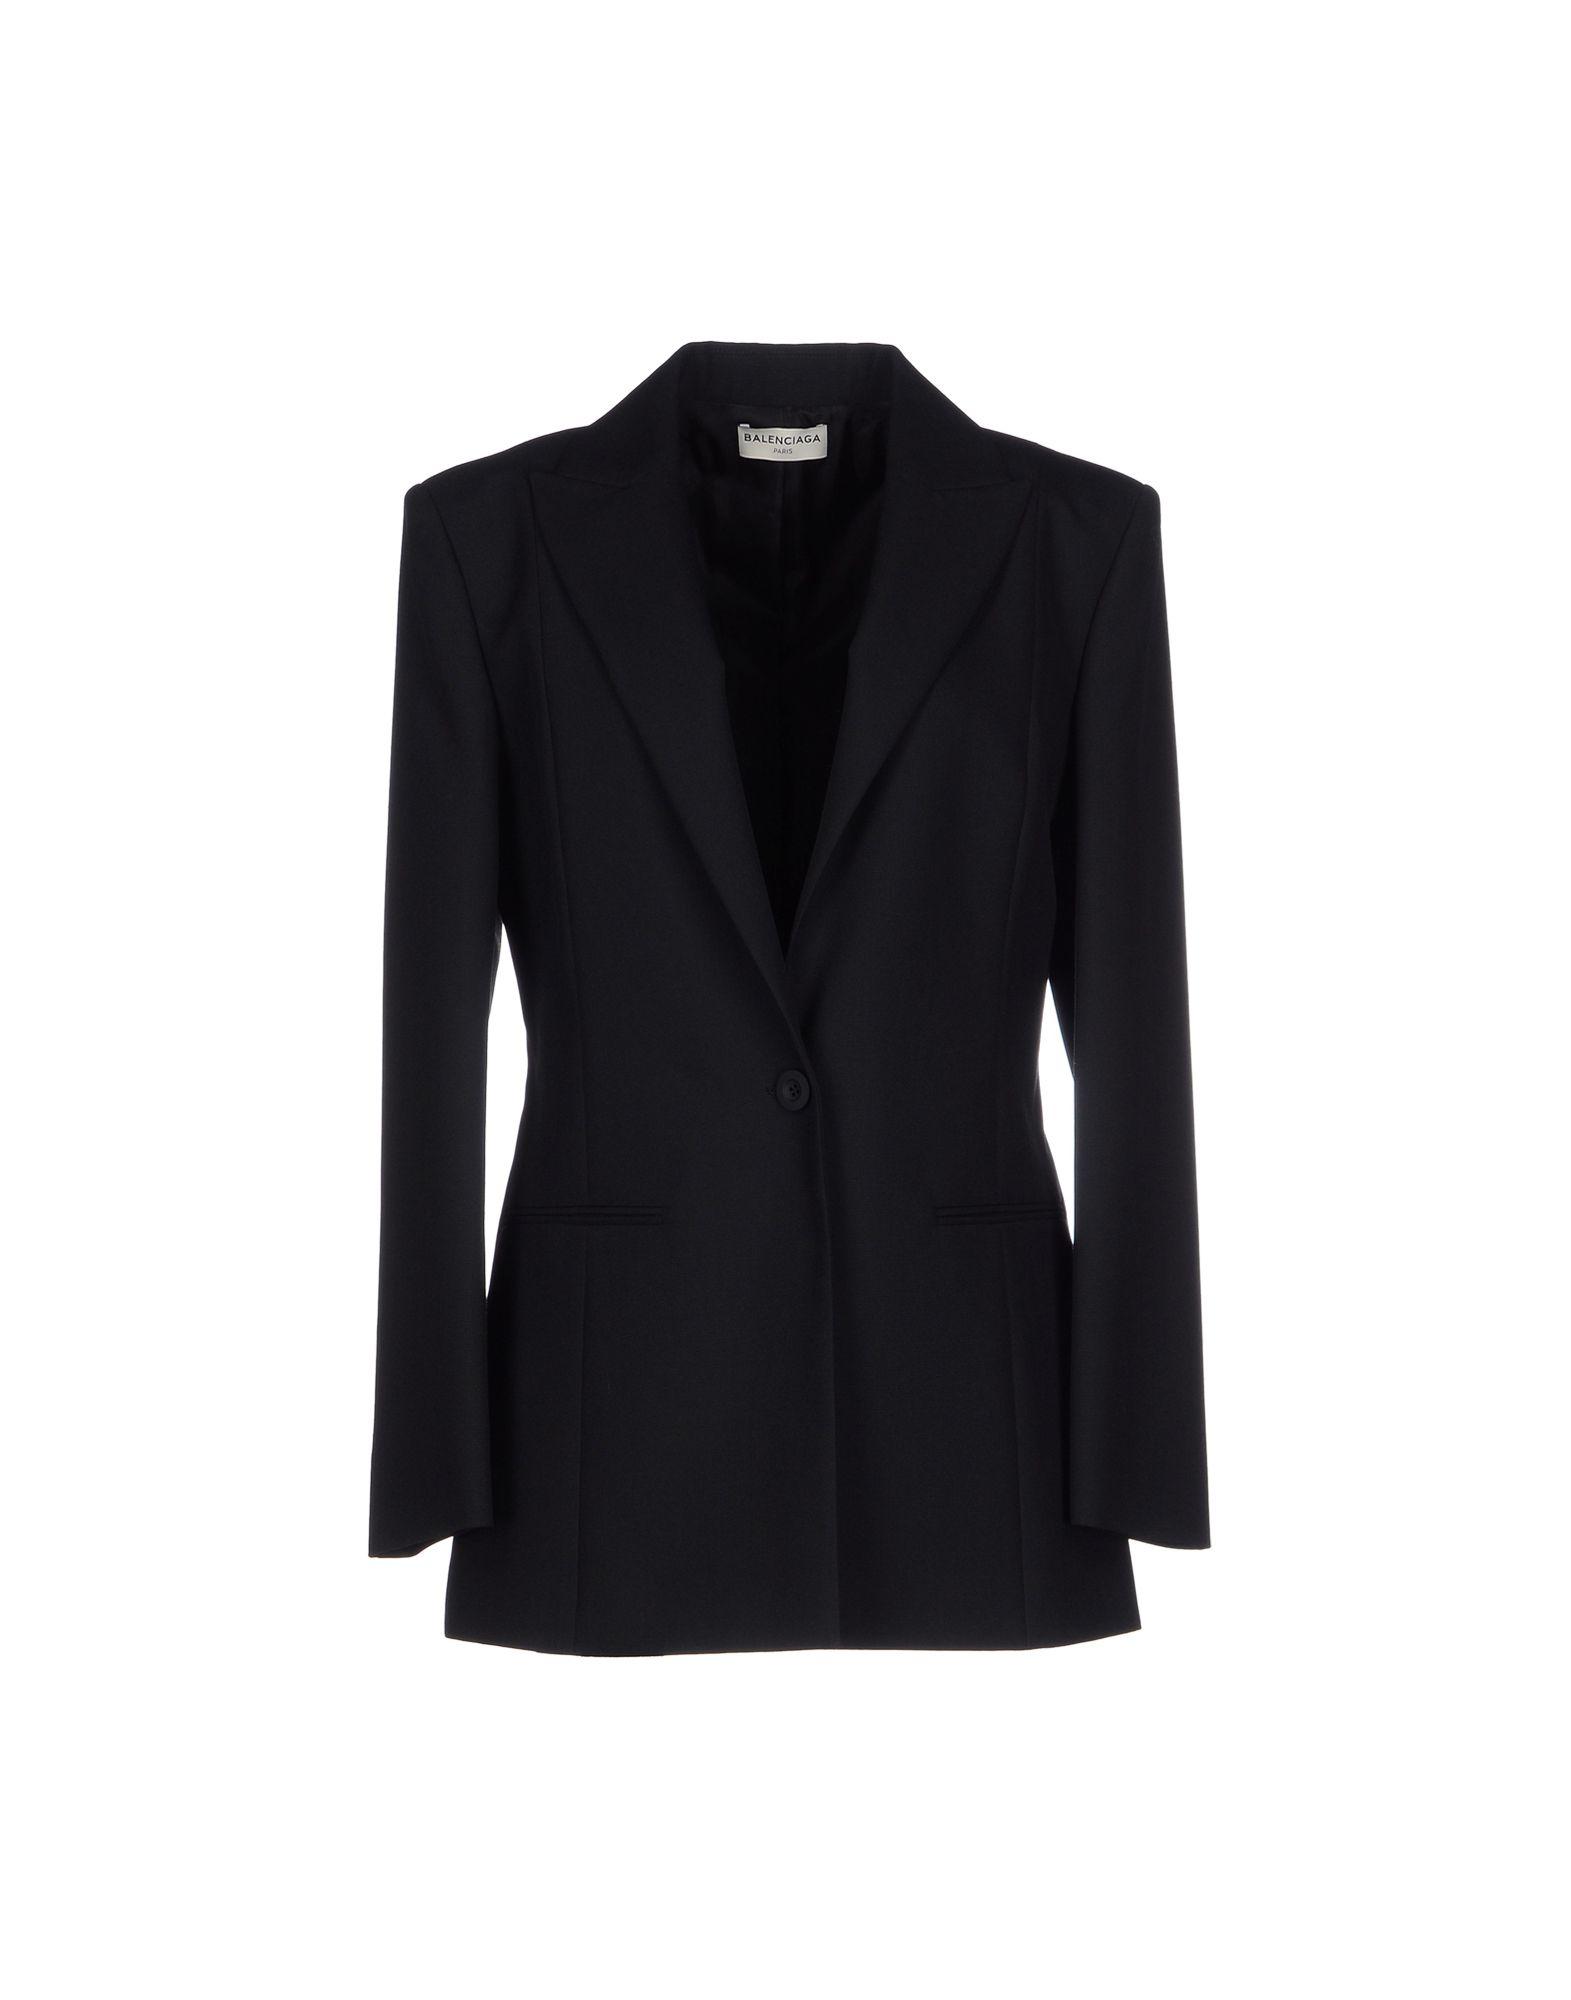 Balenciaga Blazer in Black - Lyst